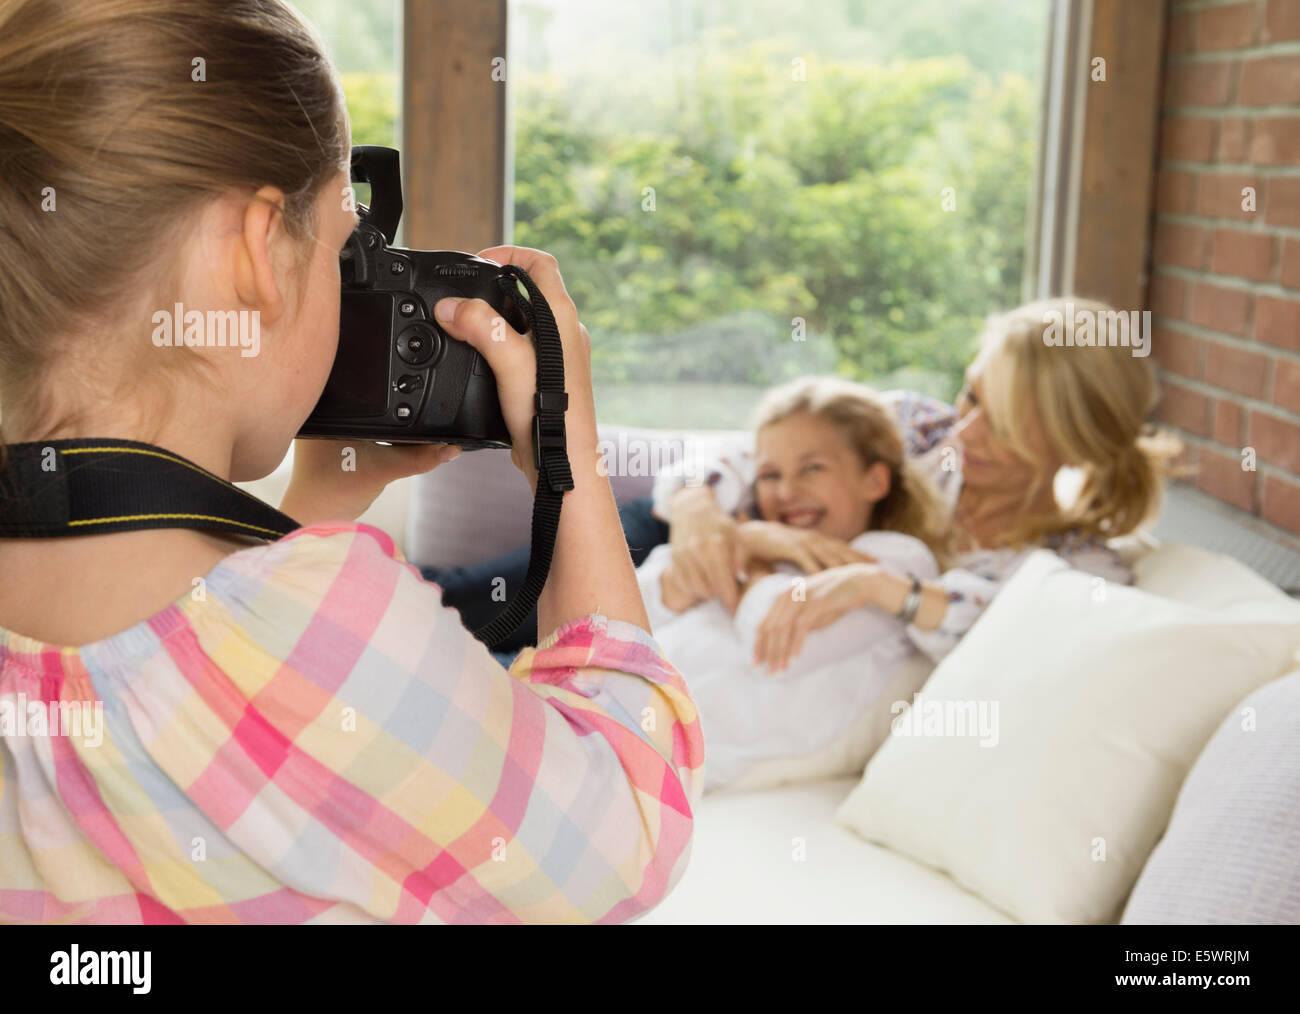 Figlia di prendere fotografia di madre e sorella Immagini Stock